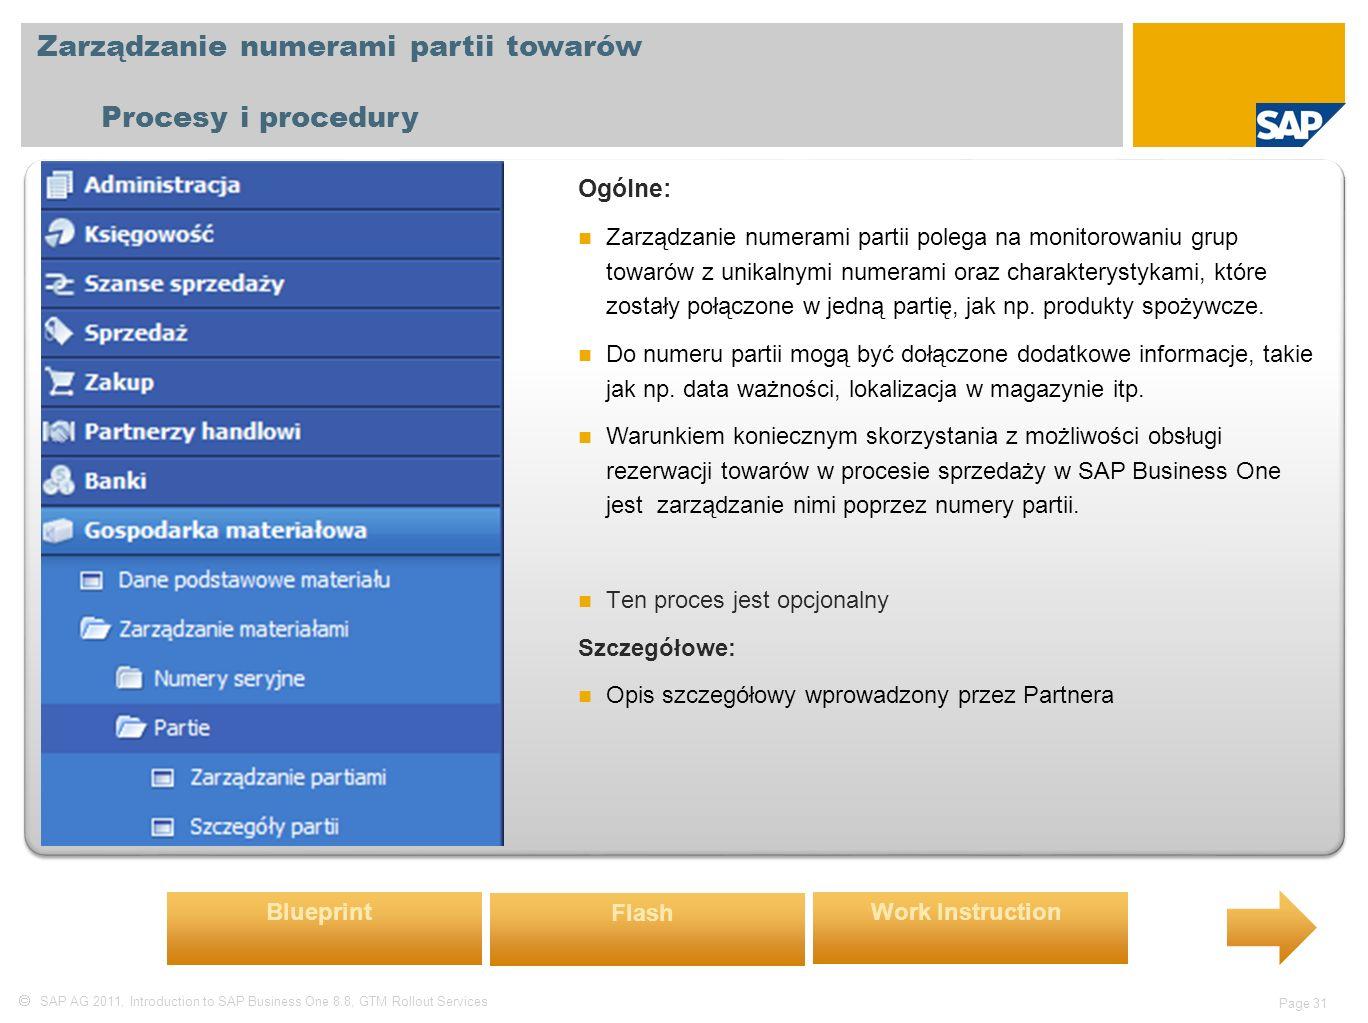  SAP AG 2011, Introduction to SAP Business One 8.8, GTM Rollout Services Page 31 Zarządzanie numerami partii towarów Procesy i procedury Ogólne: Zarządzanie numerami partii polega na monitorowaniu grup towarów z unikalnymi numerami oraz charakterystykami, które zostały połączone w jedną partię, jak np.